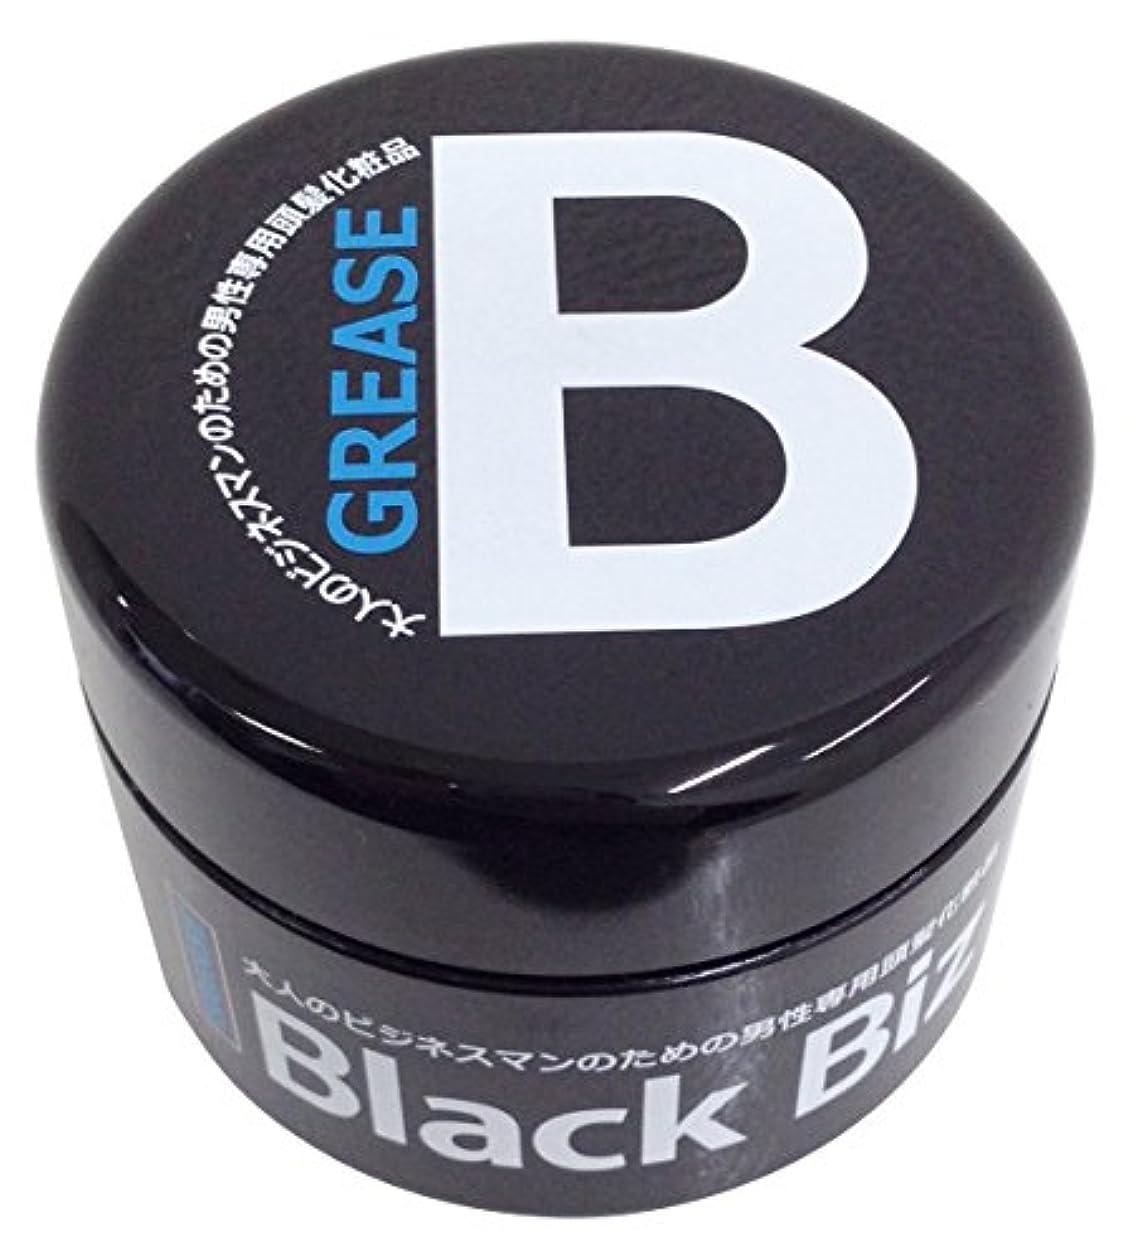 誕生日メロドラマキロメートル大人のビジネスマンのための男性専用頭髪化粧品 BlackBiz GREASE SOFT ブラックビズ グリース ソフト